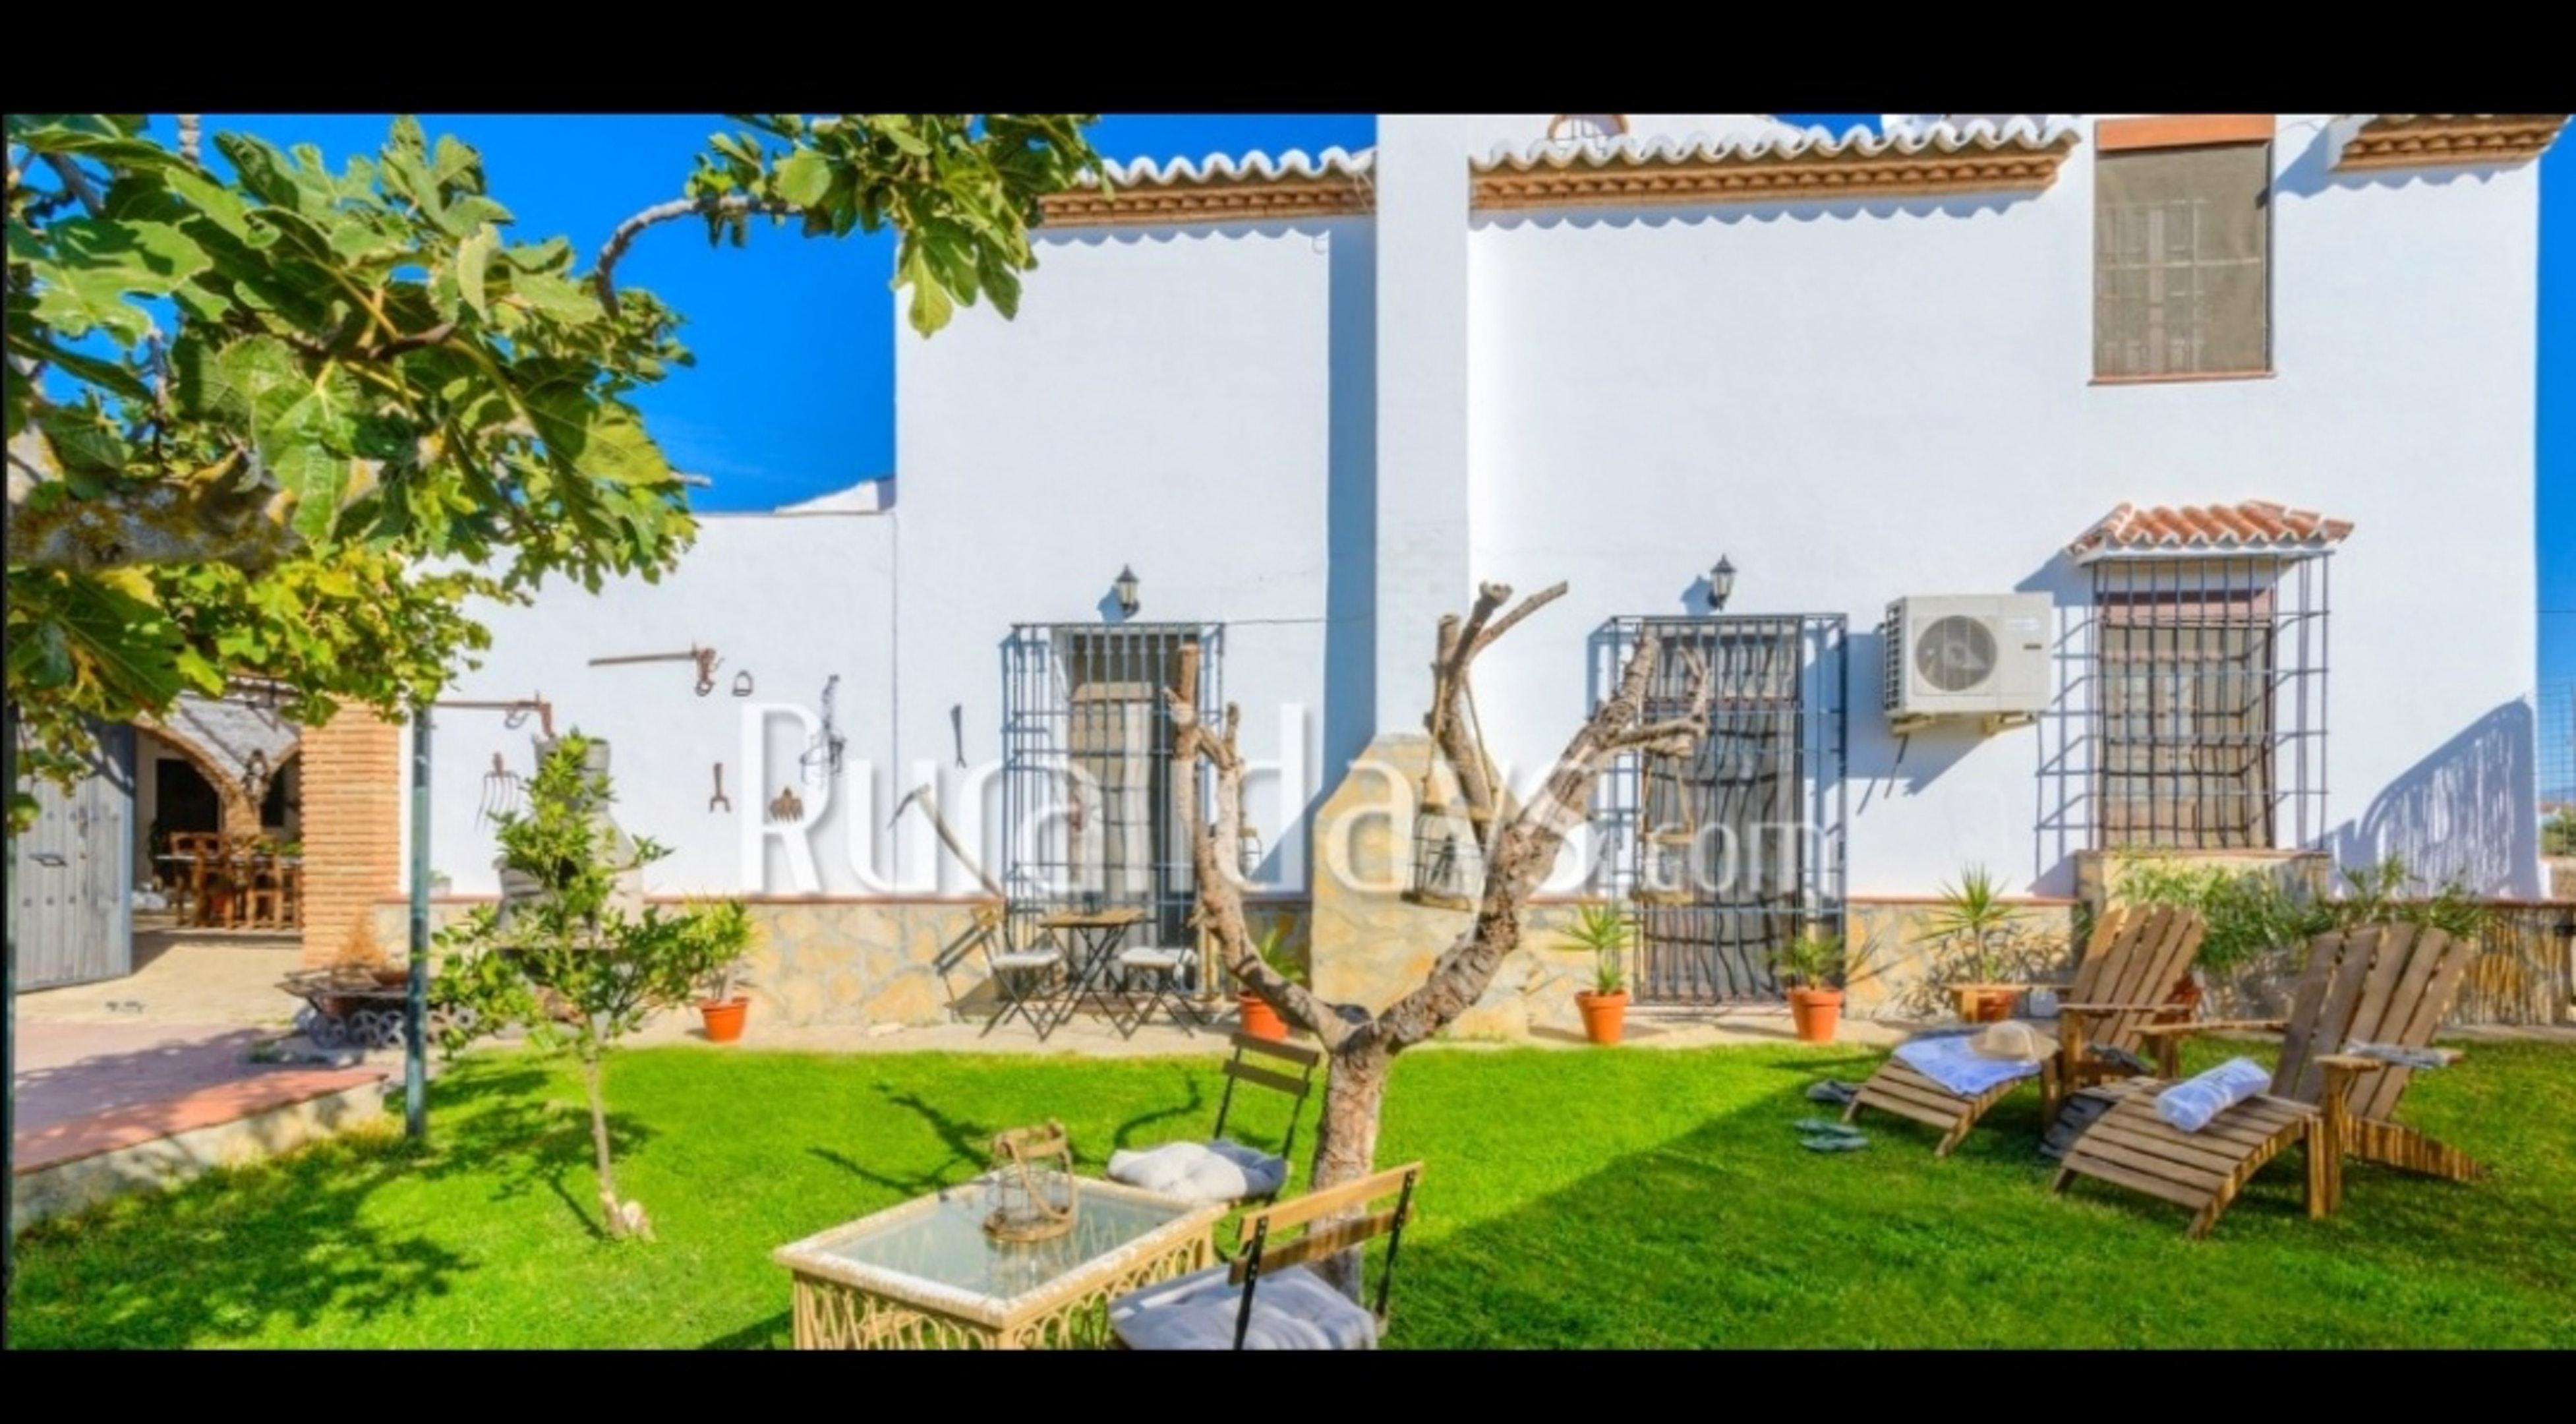 Maison de vacances Villa mit 5 Schlafzimmern in Antequera mit privatem Pool, eingezäuntem Garten und W-LAN (2420315), Antequera, Malaga, Andalousie, Espagne, image 20